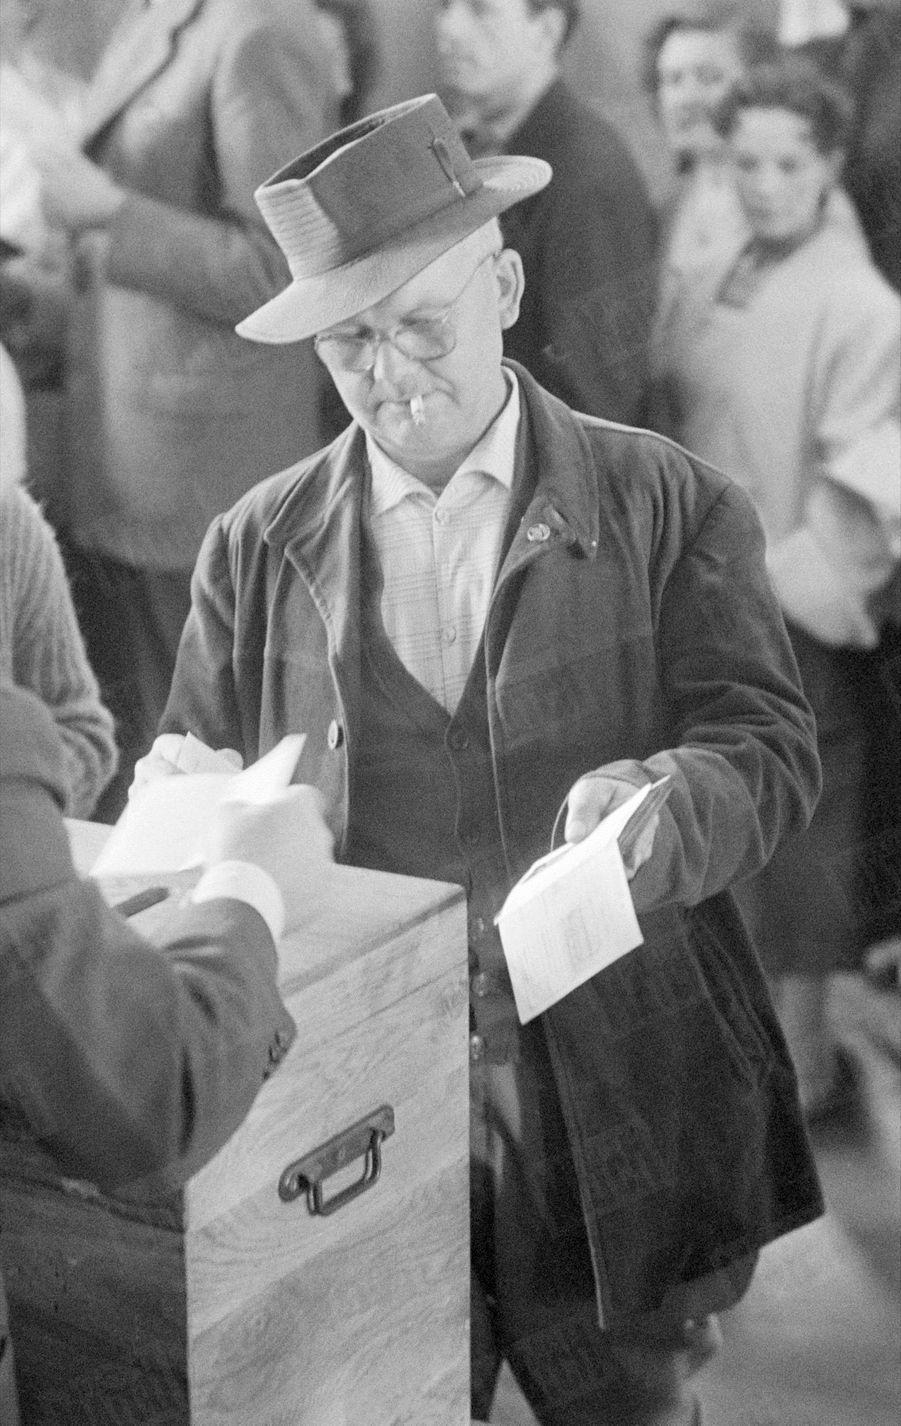 Jour du vote à Paris, pour le référendum sur la constitution de la Vème République, le 28 septembre 1958.